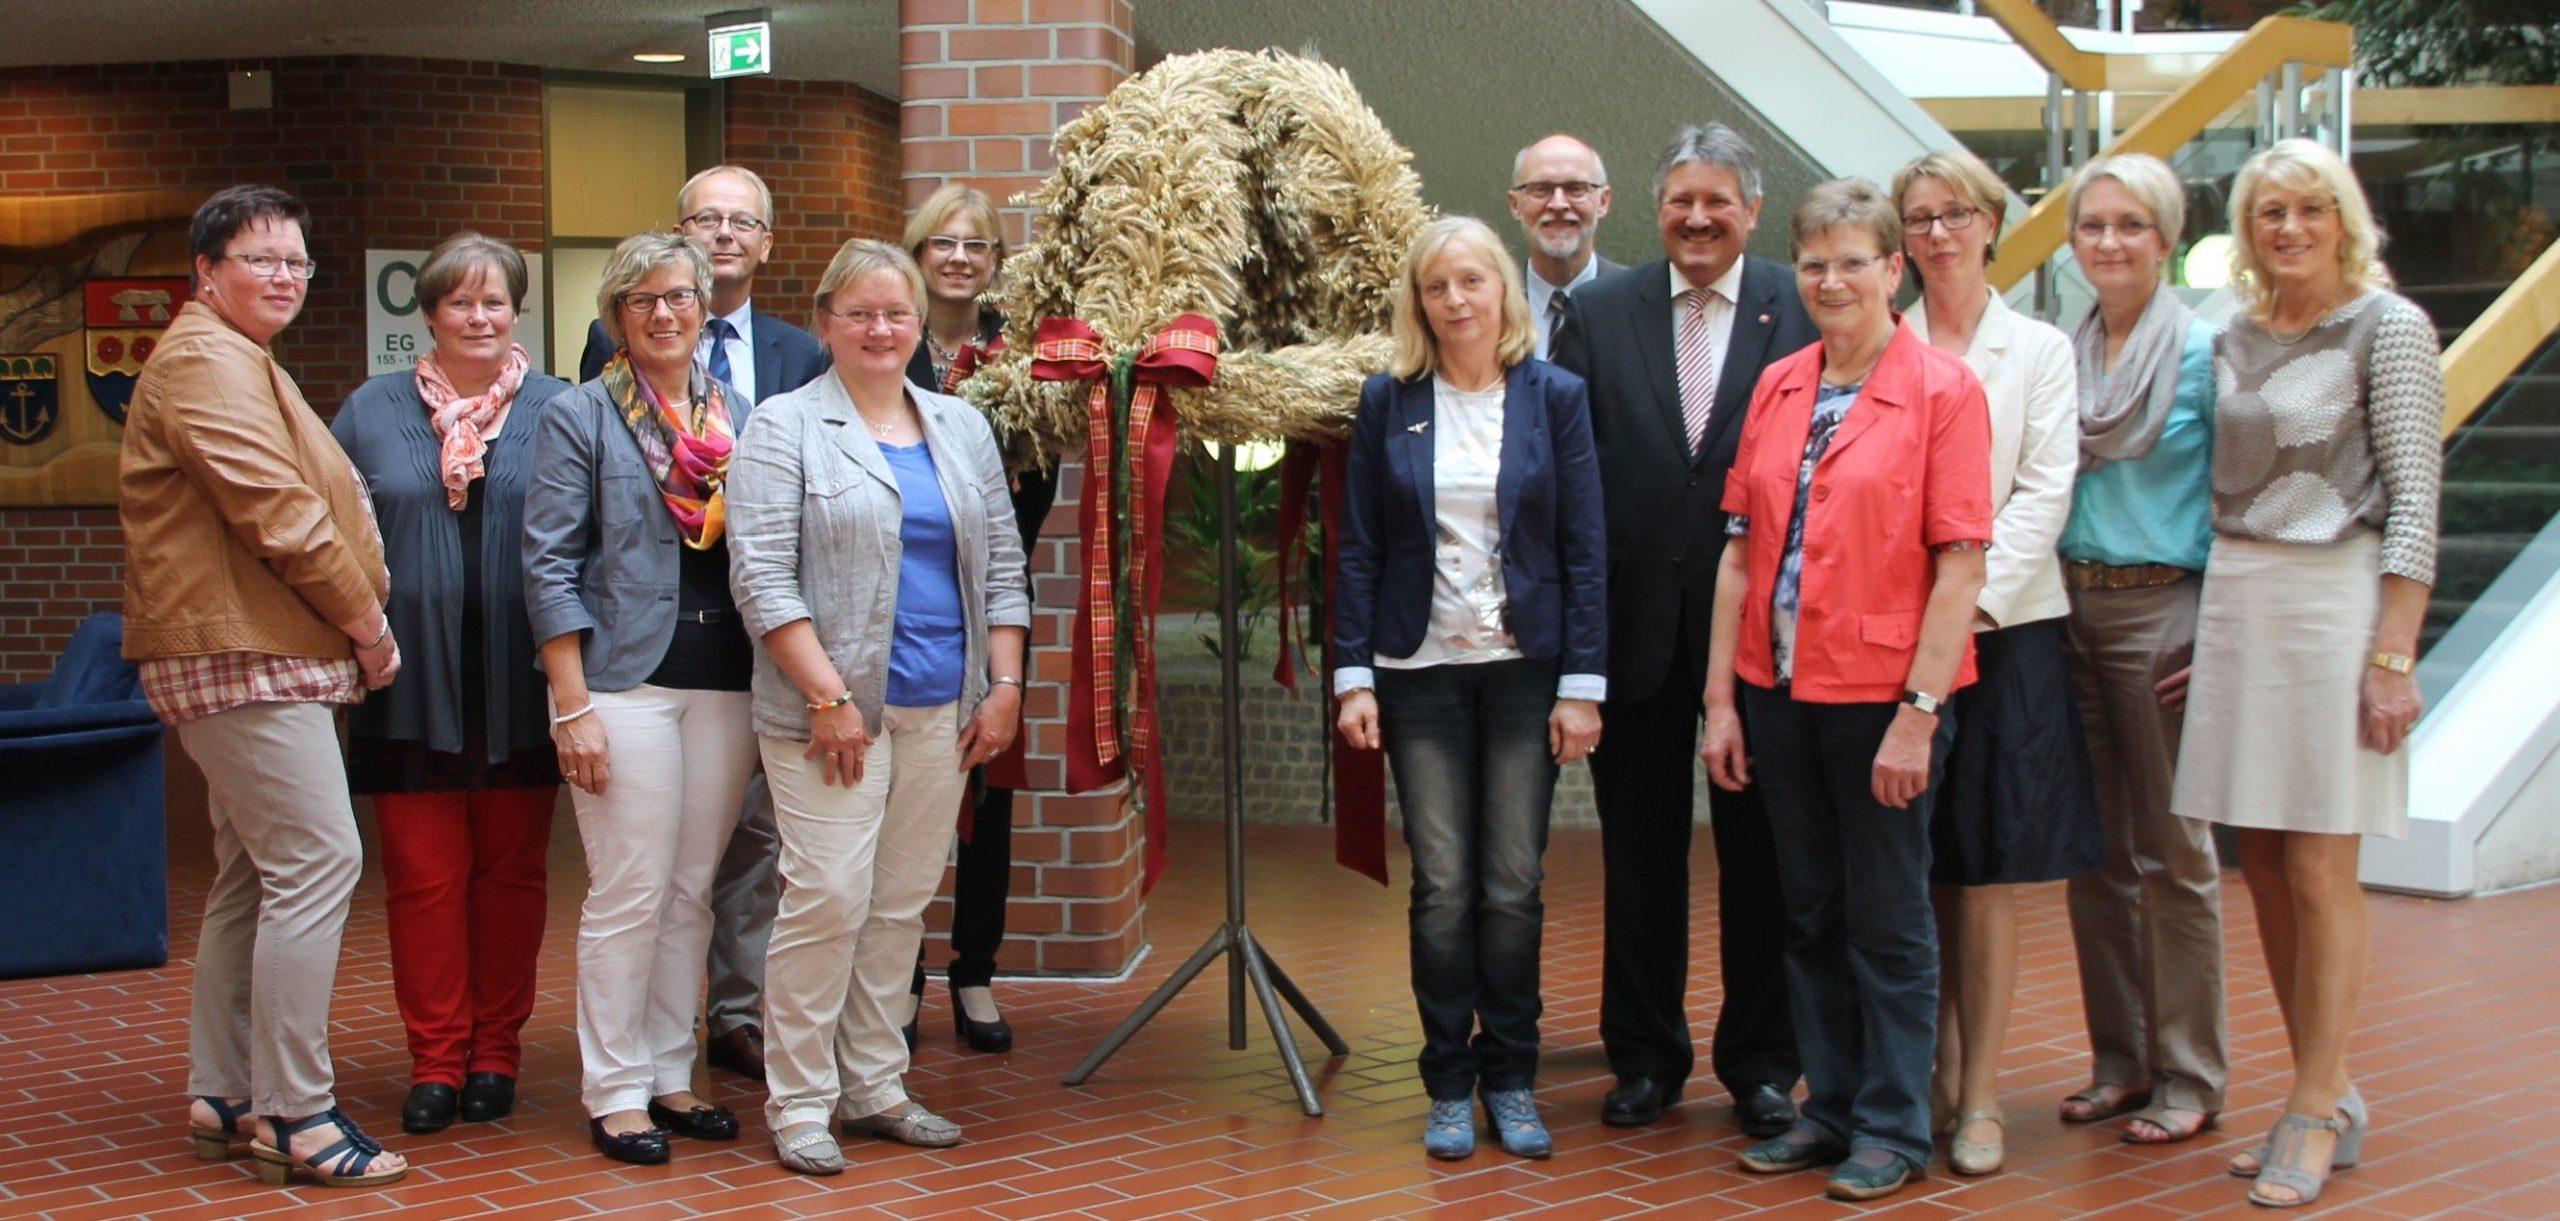 Gemeinsam mit den Dezernenten der Kreisverwaltung nahm Landrat Reinhard Winter die Erntekrone der Landfrauen entgegen (c) Süd-Ems-Media